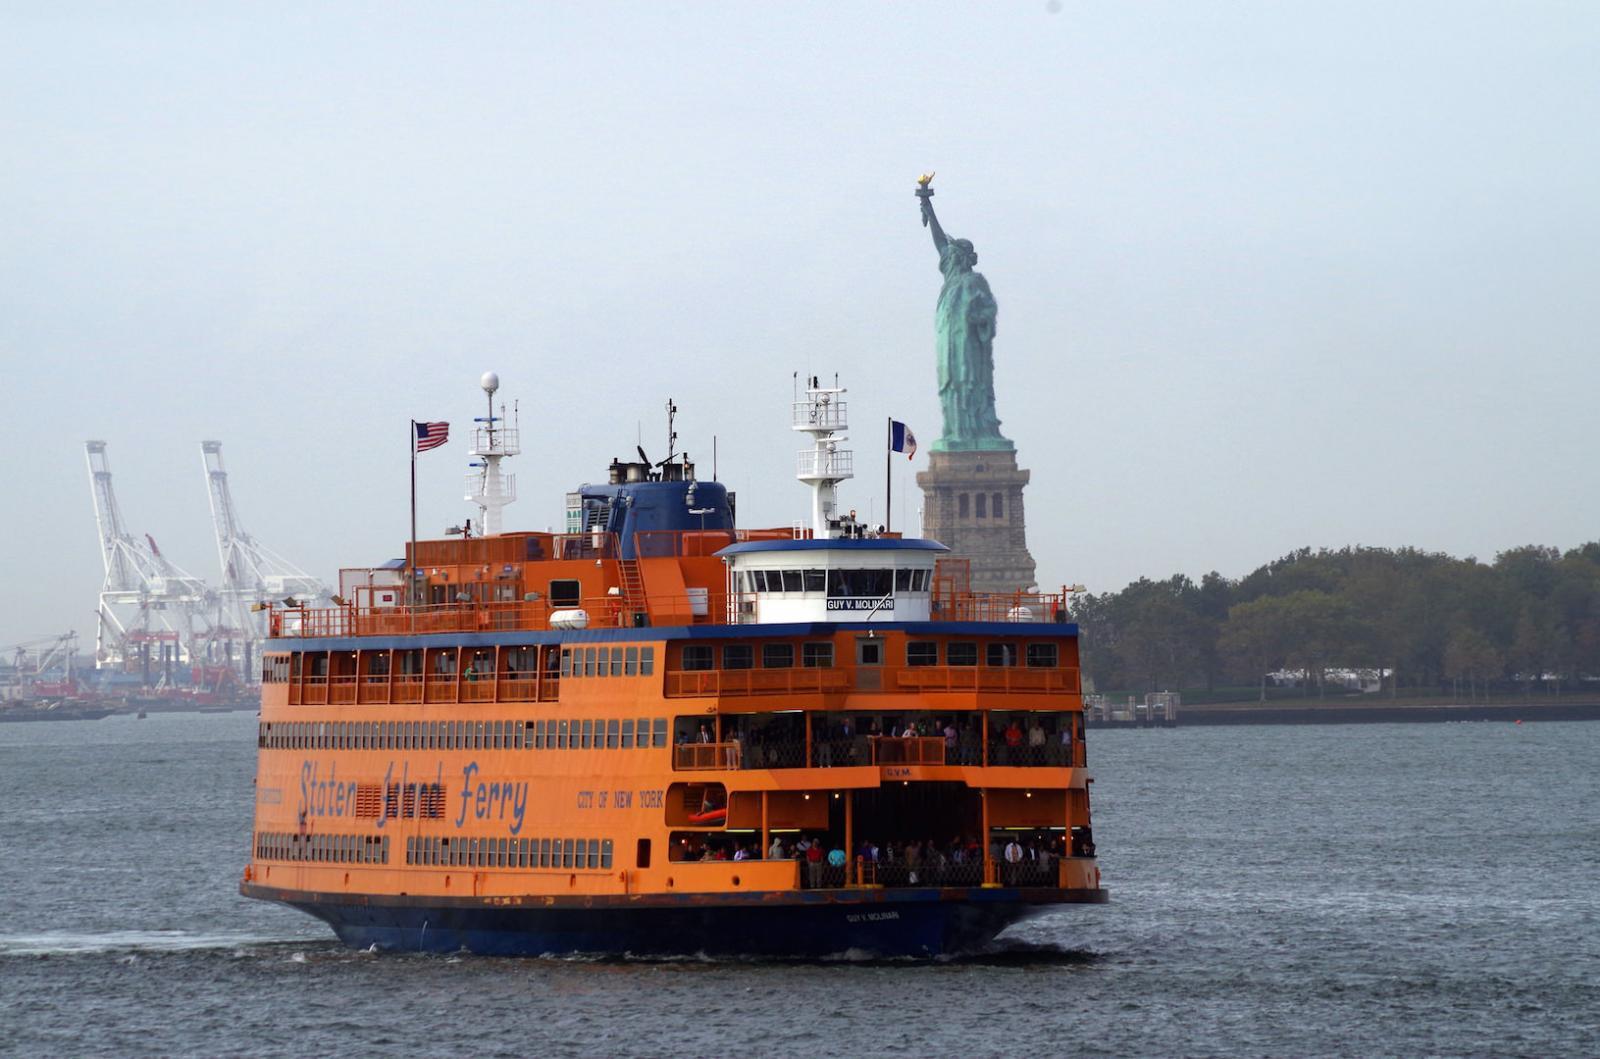 Die Staten Island Ferry mit Blick auf die Freiheitsstatue